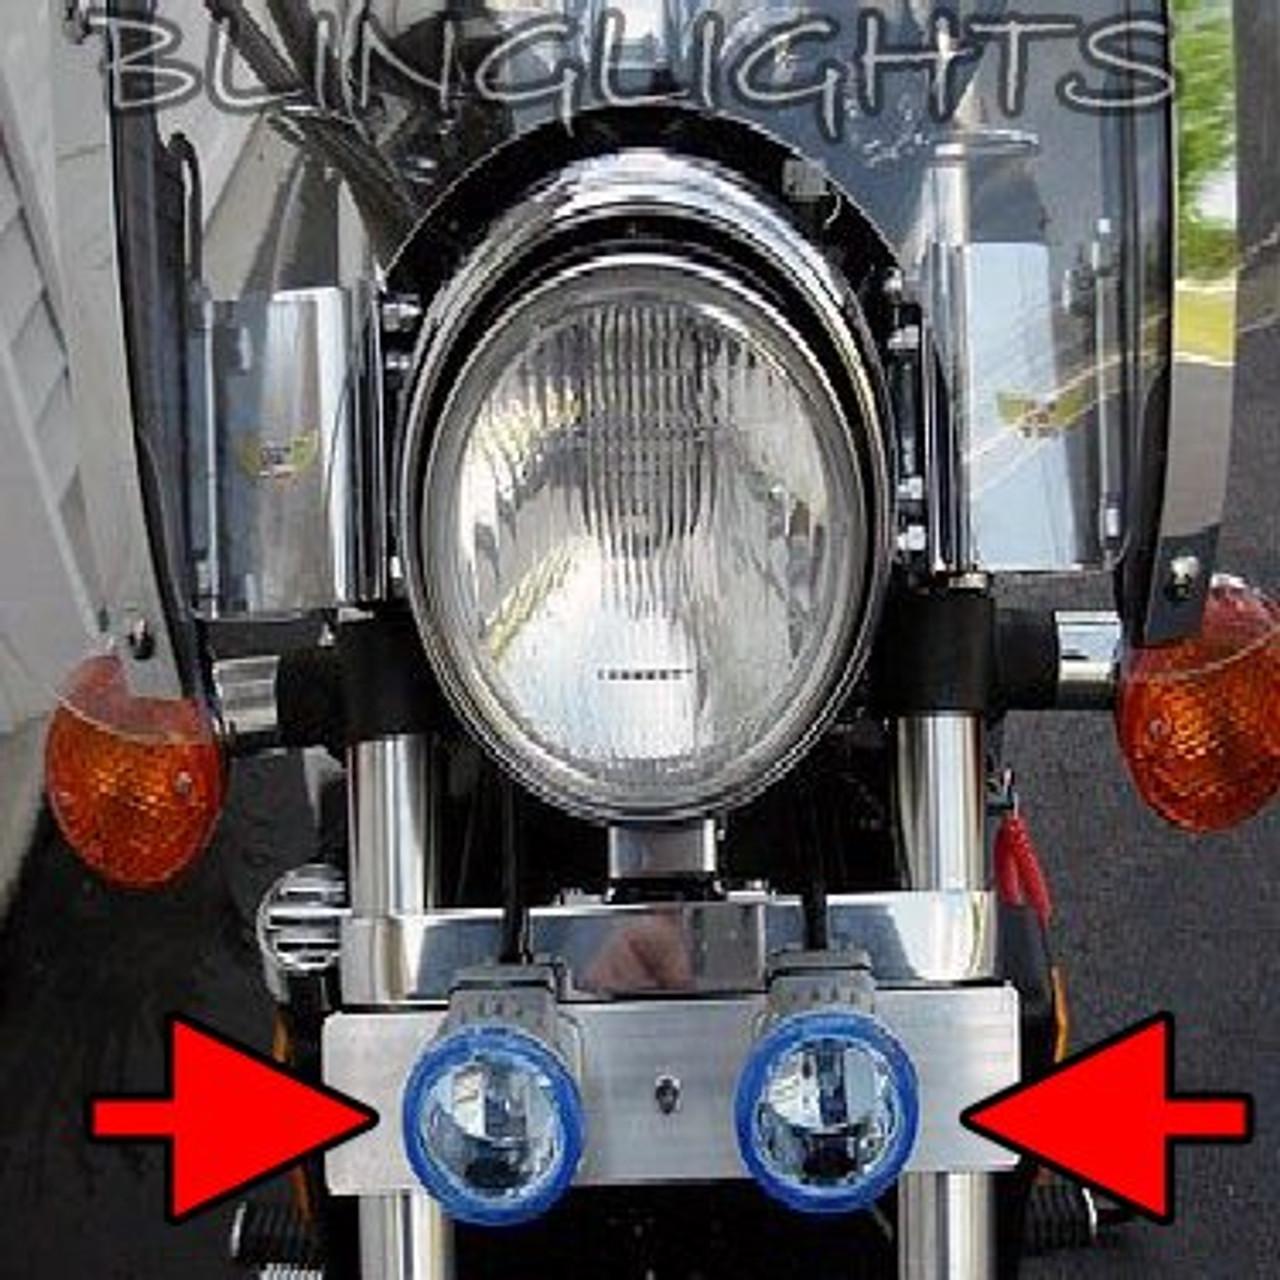 1994-2003 Honda Magna V45 VF750C Xenon Driving Lights Fog Lamps Foglamps Foglights Drivinglights Kit